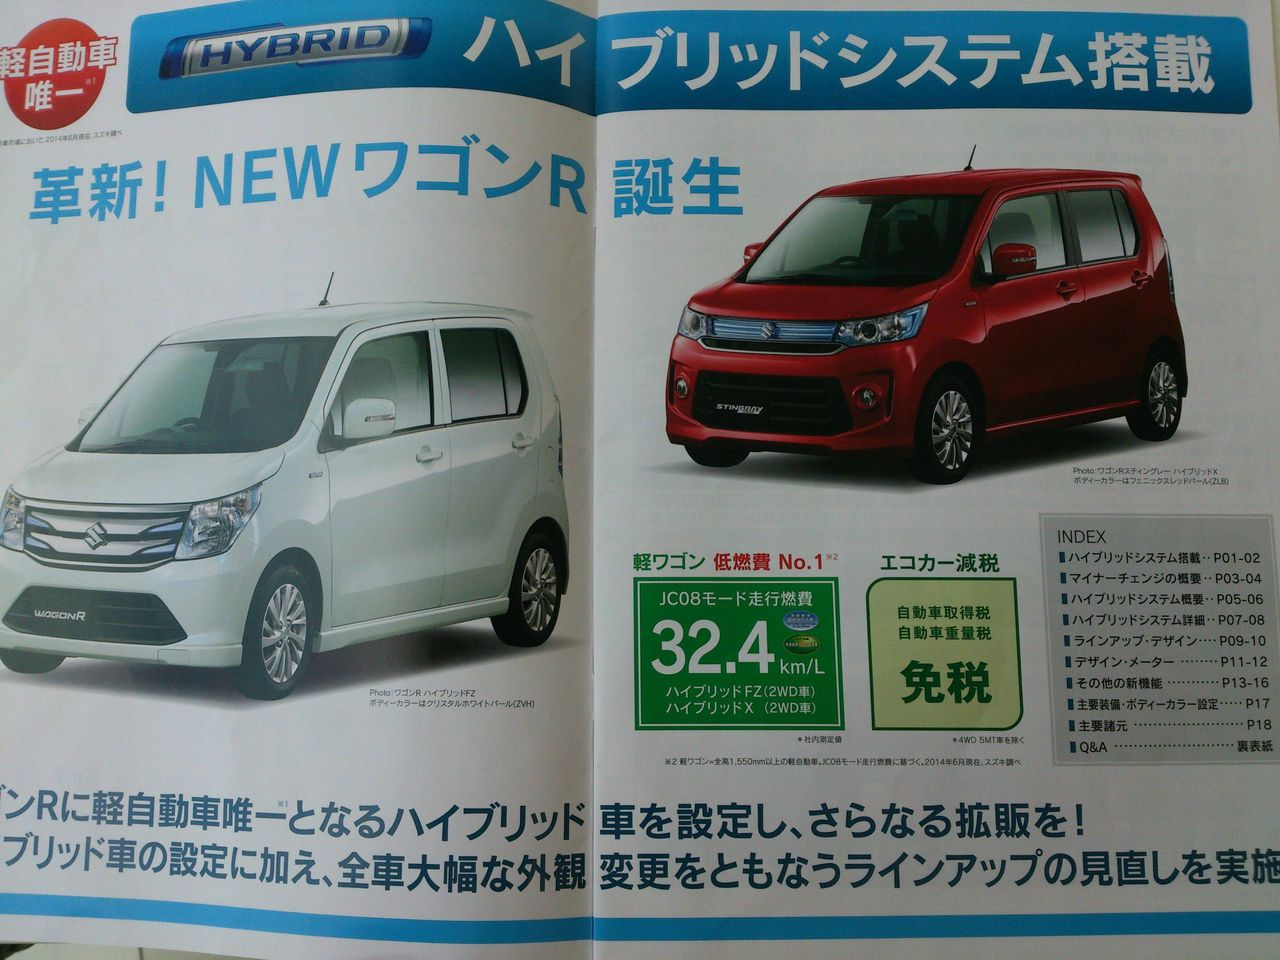 新車速報 Car Drive : 【鮮明画像交換】スズキ ワゴンR改良 <b>...</b>